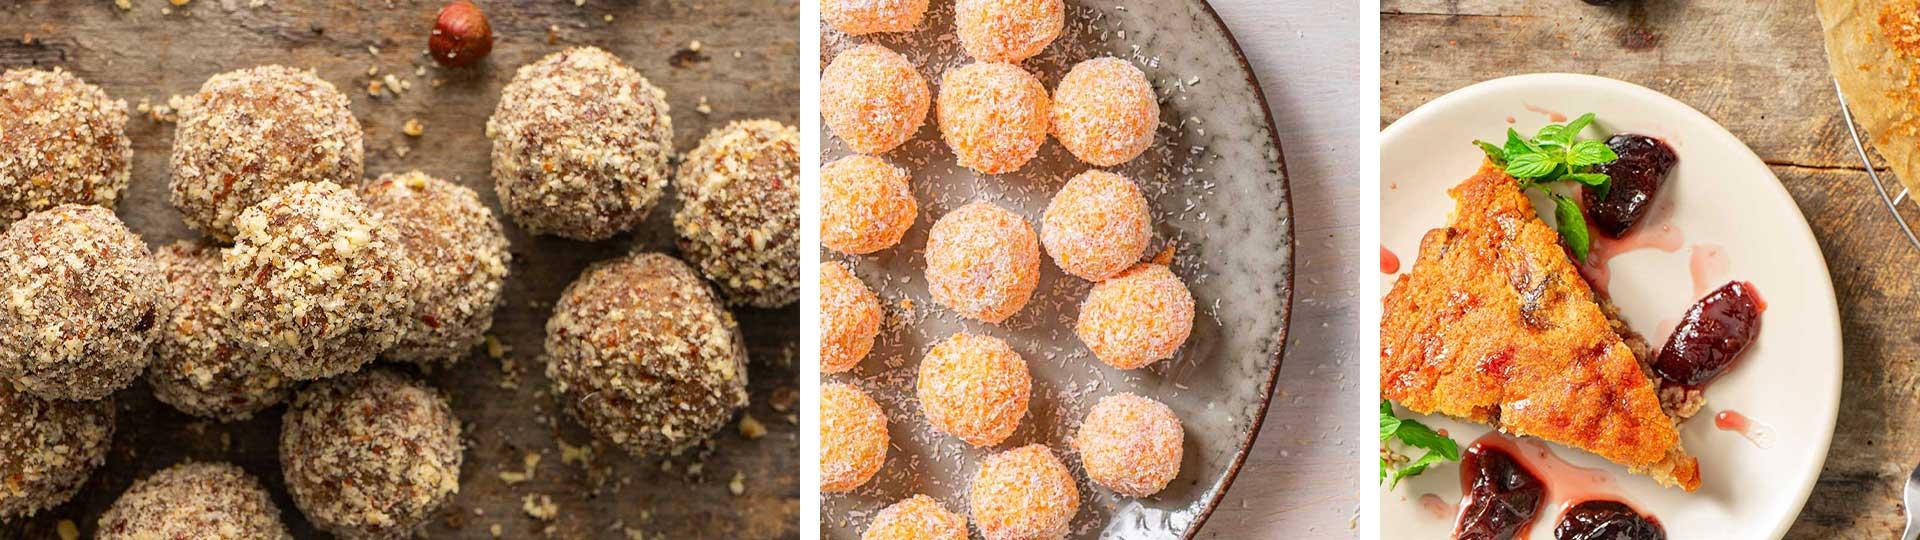 Домашни бонбони от фурми и лешници; трюфели от моркови; постен кекс